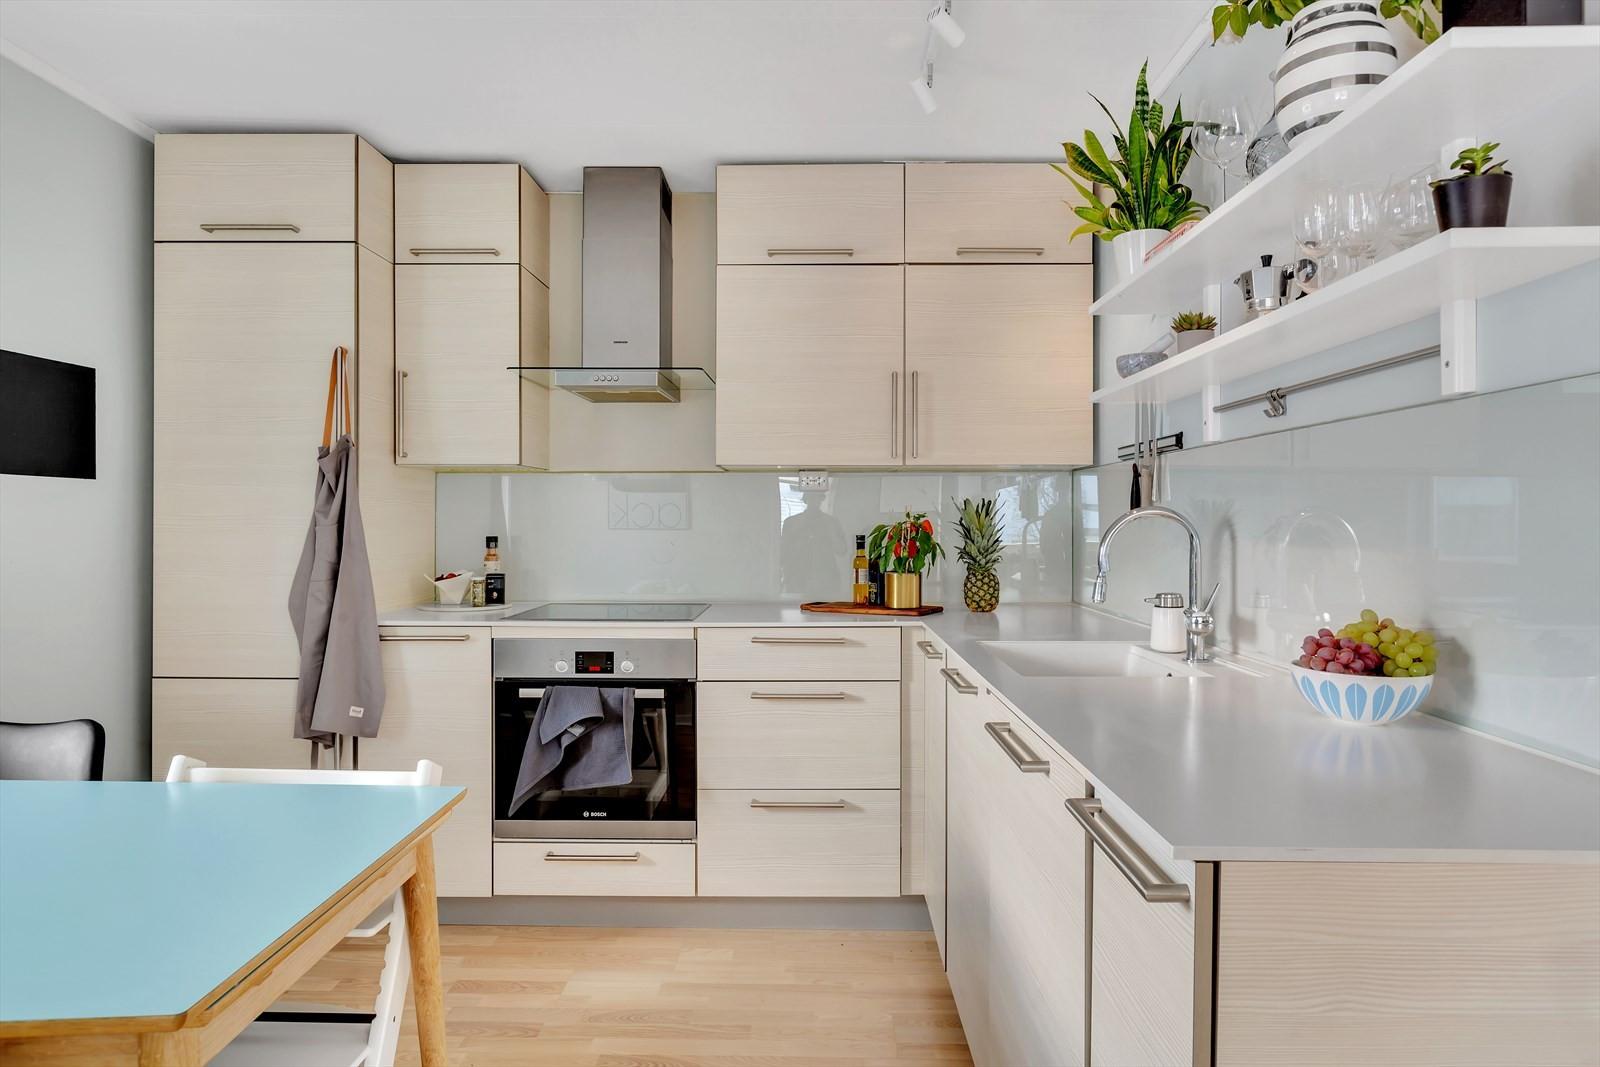 Kjøkken med moderne utførelse. Godt med skapplass og integrere hvitevarer.